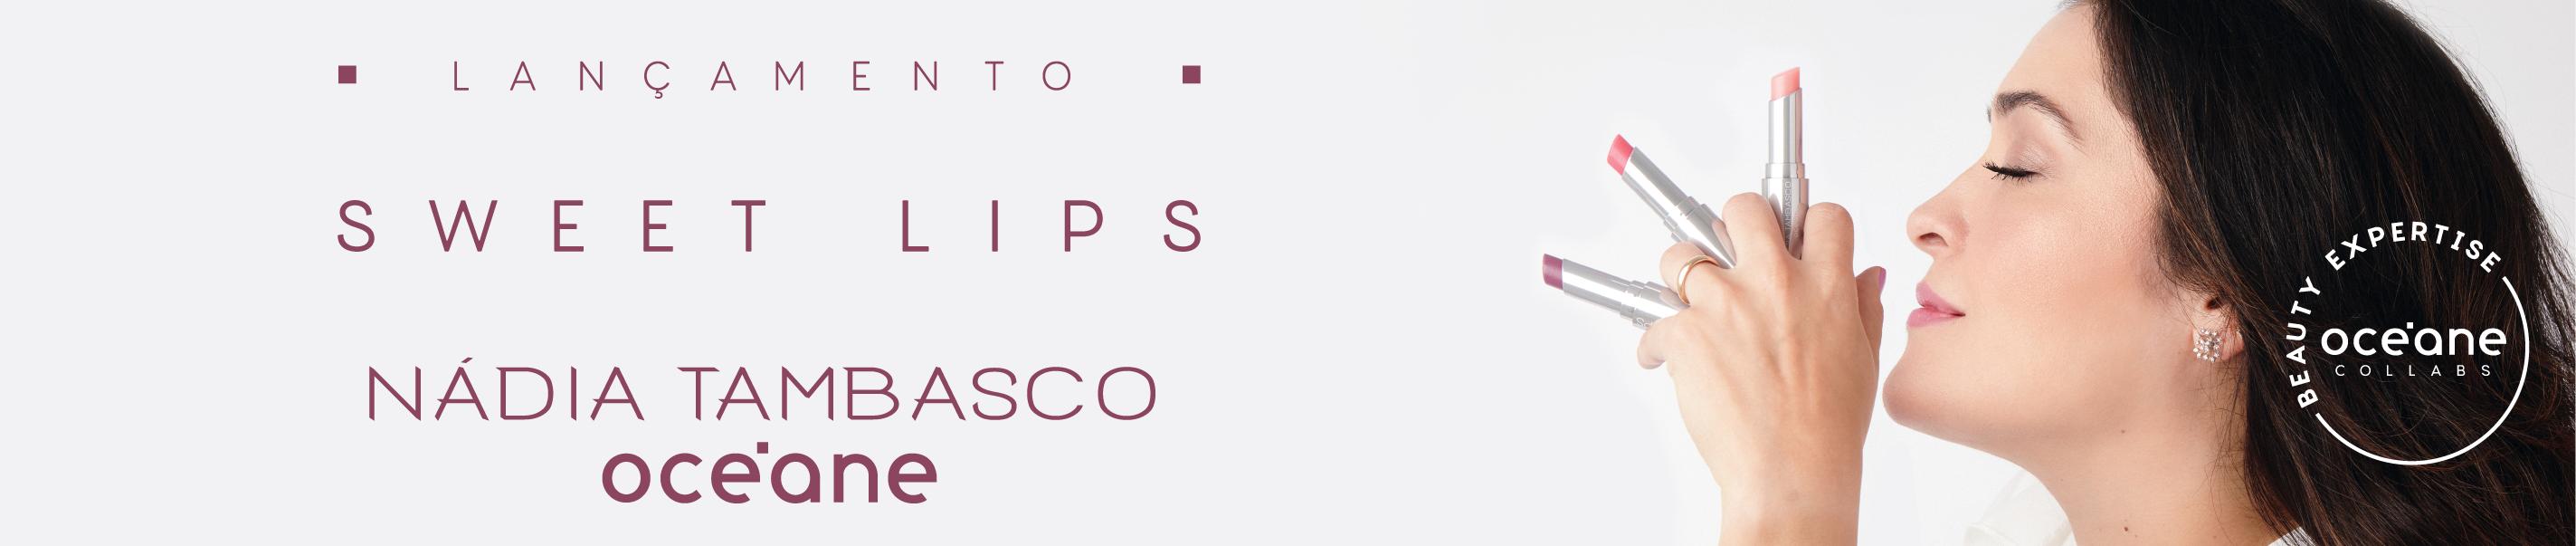 Banner Lançamento Revitalizador Labial Sweet Lips Nádia Tambasco by Océane, a imagem mostra as 3 cores do revitalizador labial: rosa candy, roxo punchy e cereja amour.